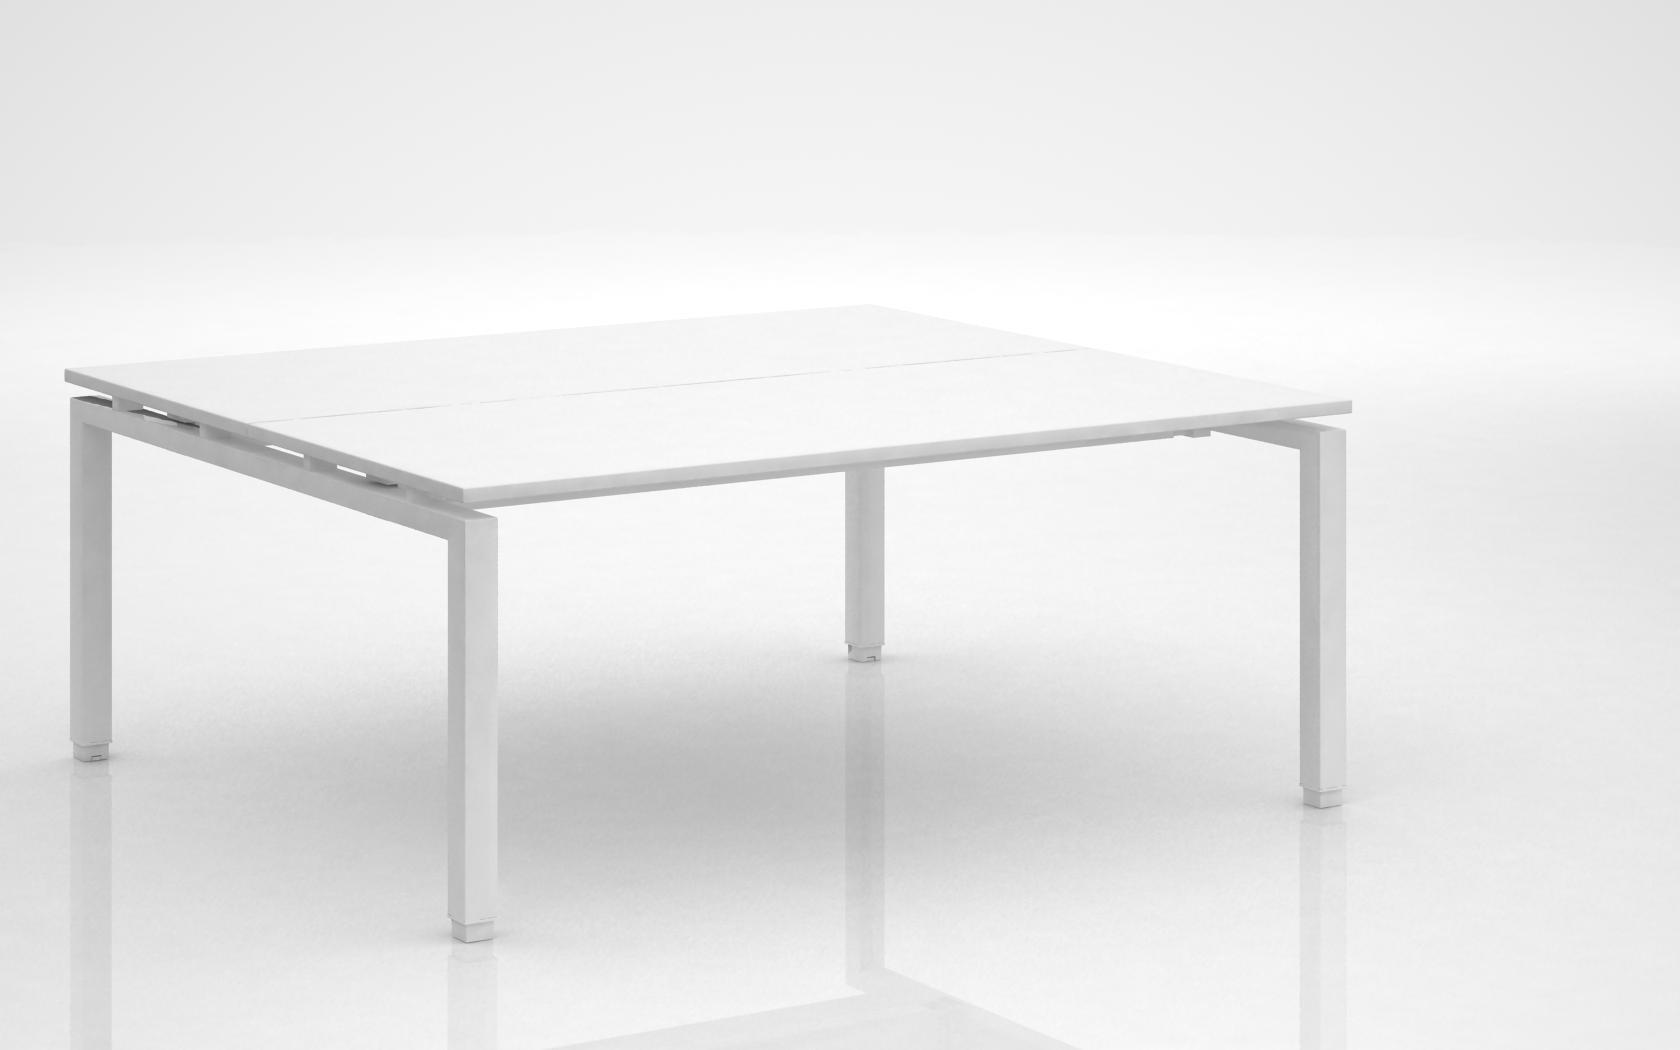 Bureau bench 2 personnes alto achat bureaux bench 545 00 for Bureau design 2 personnes